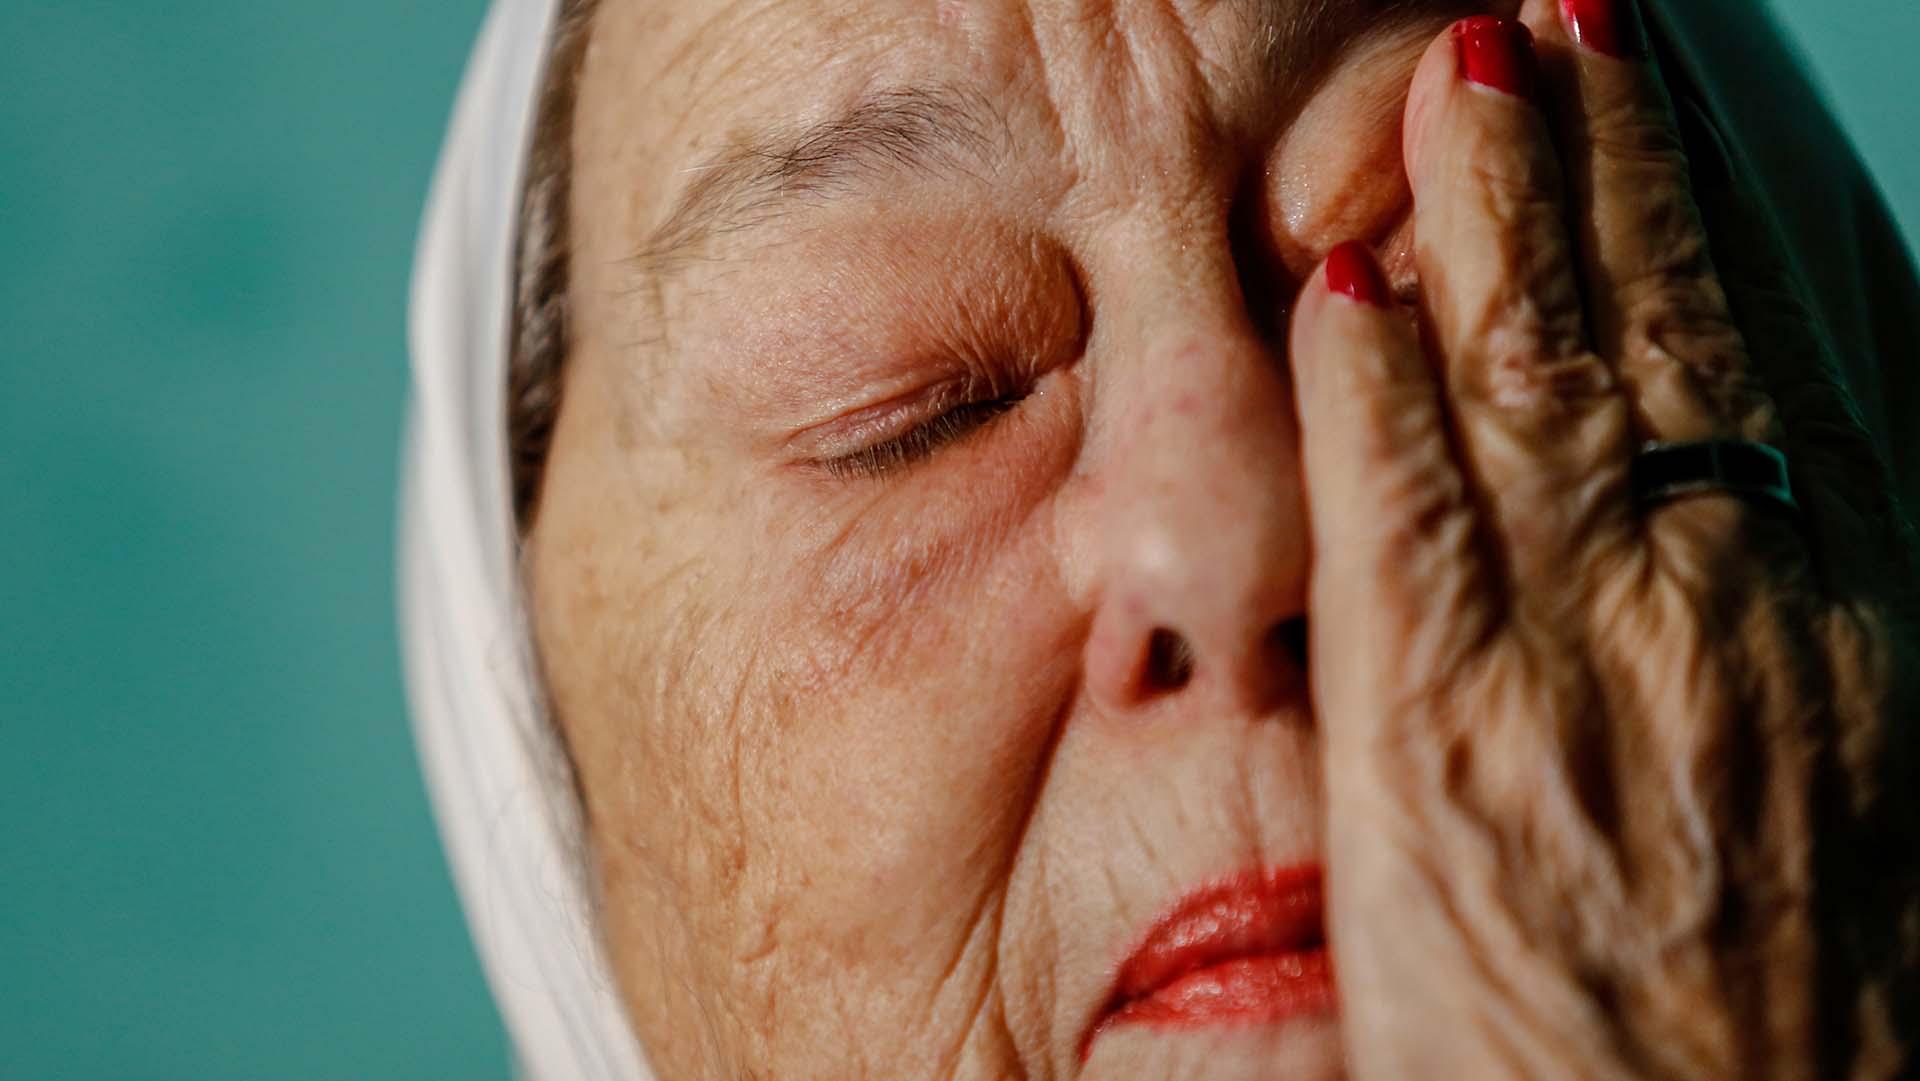 La titular de Madres de Plaza de Mayo, Hebe de Bonafini, emocionada en la celebración de su cumpleaños número 90 (Nicolás Aboaf)